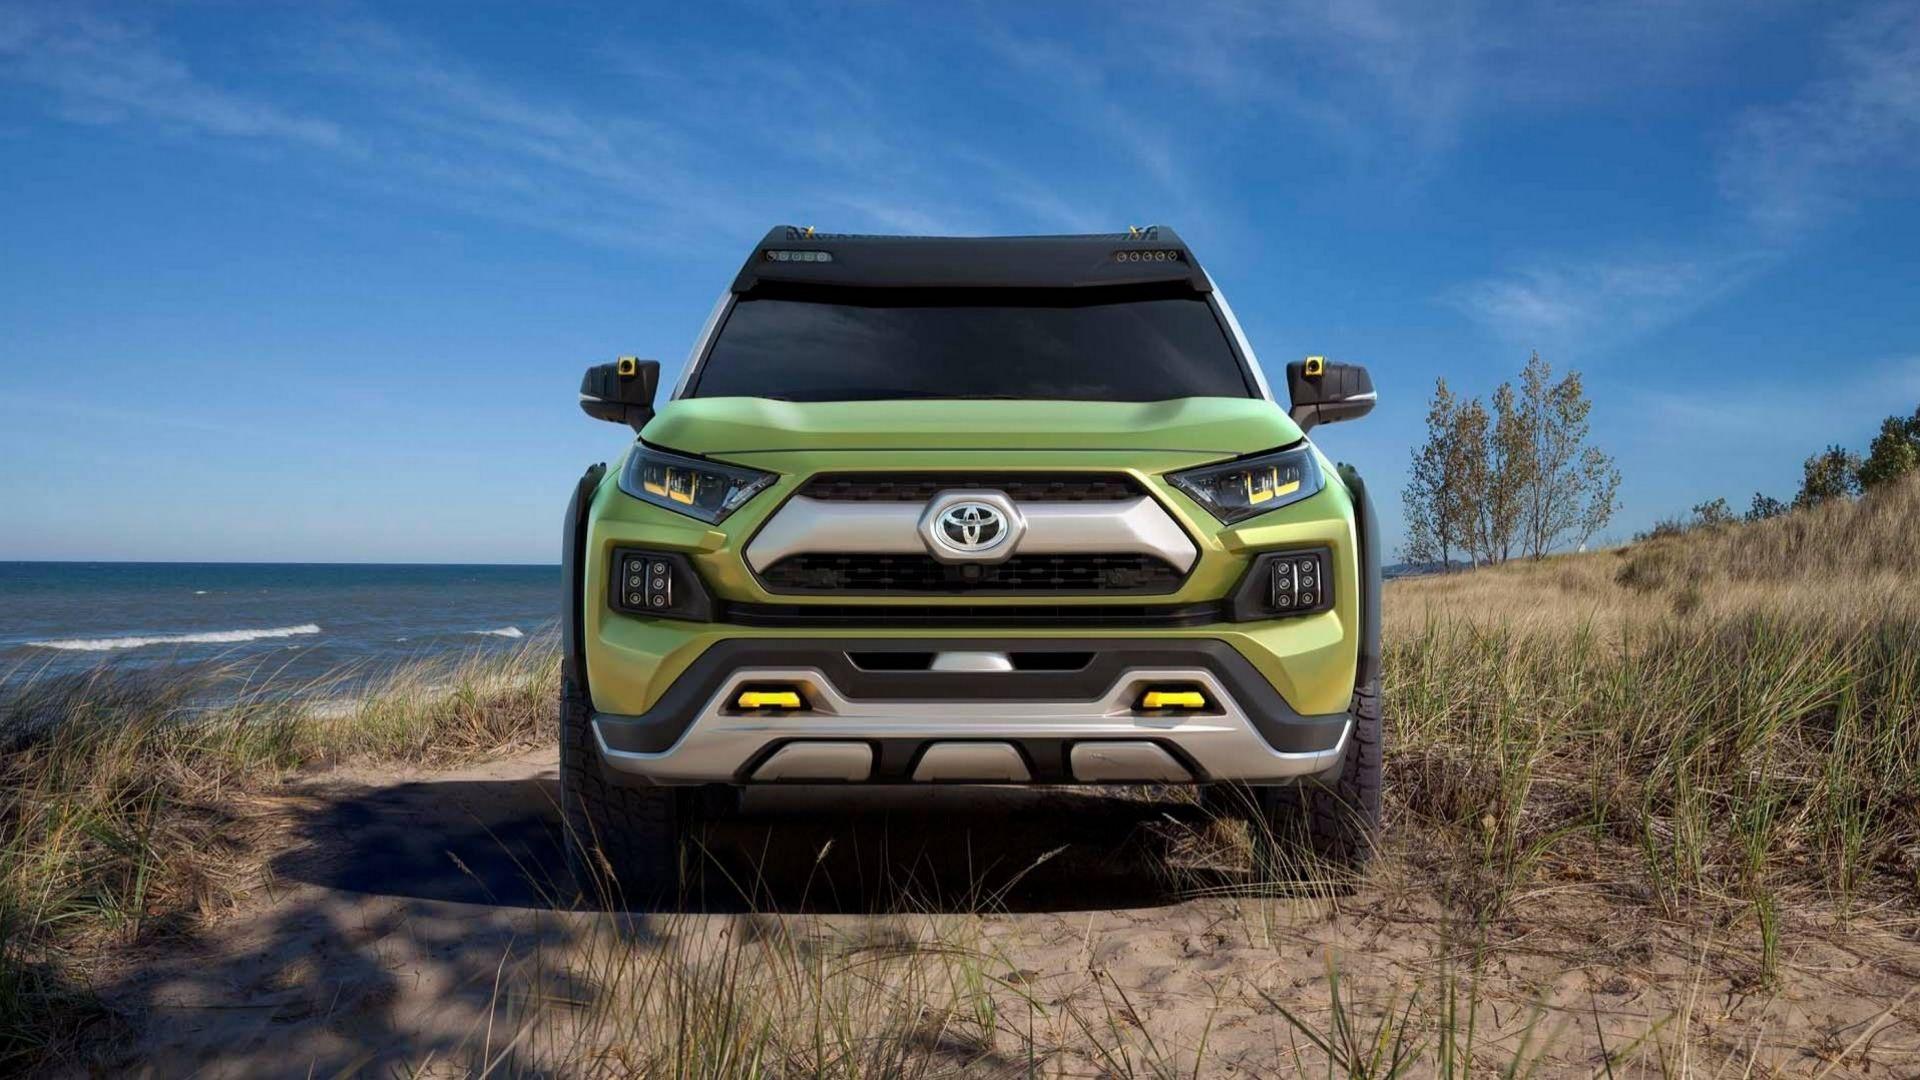 Toyota Rav 4 Le >> Nuova Toyota RAV4 2019: foto, caratteristiche, data di ...